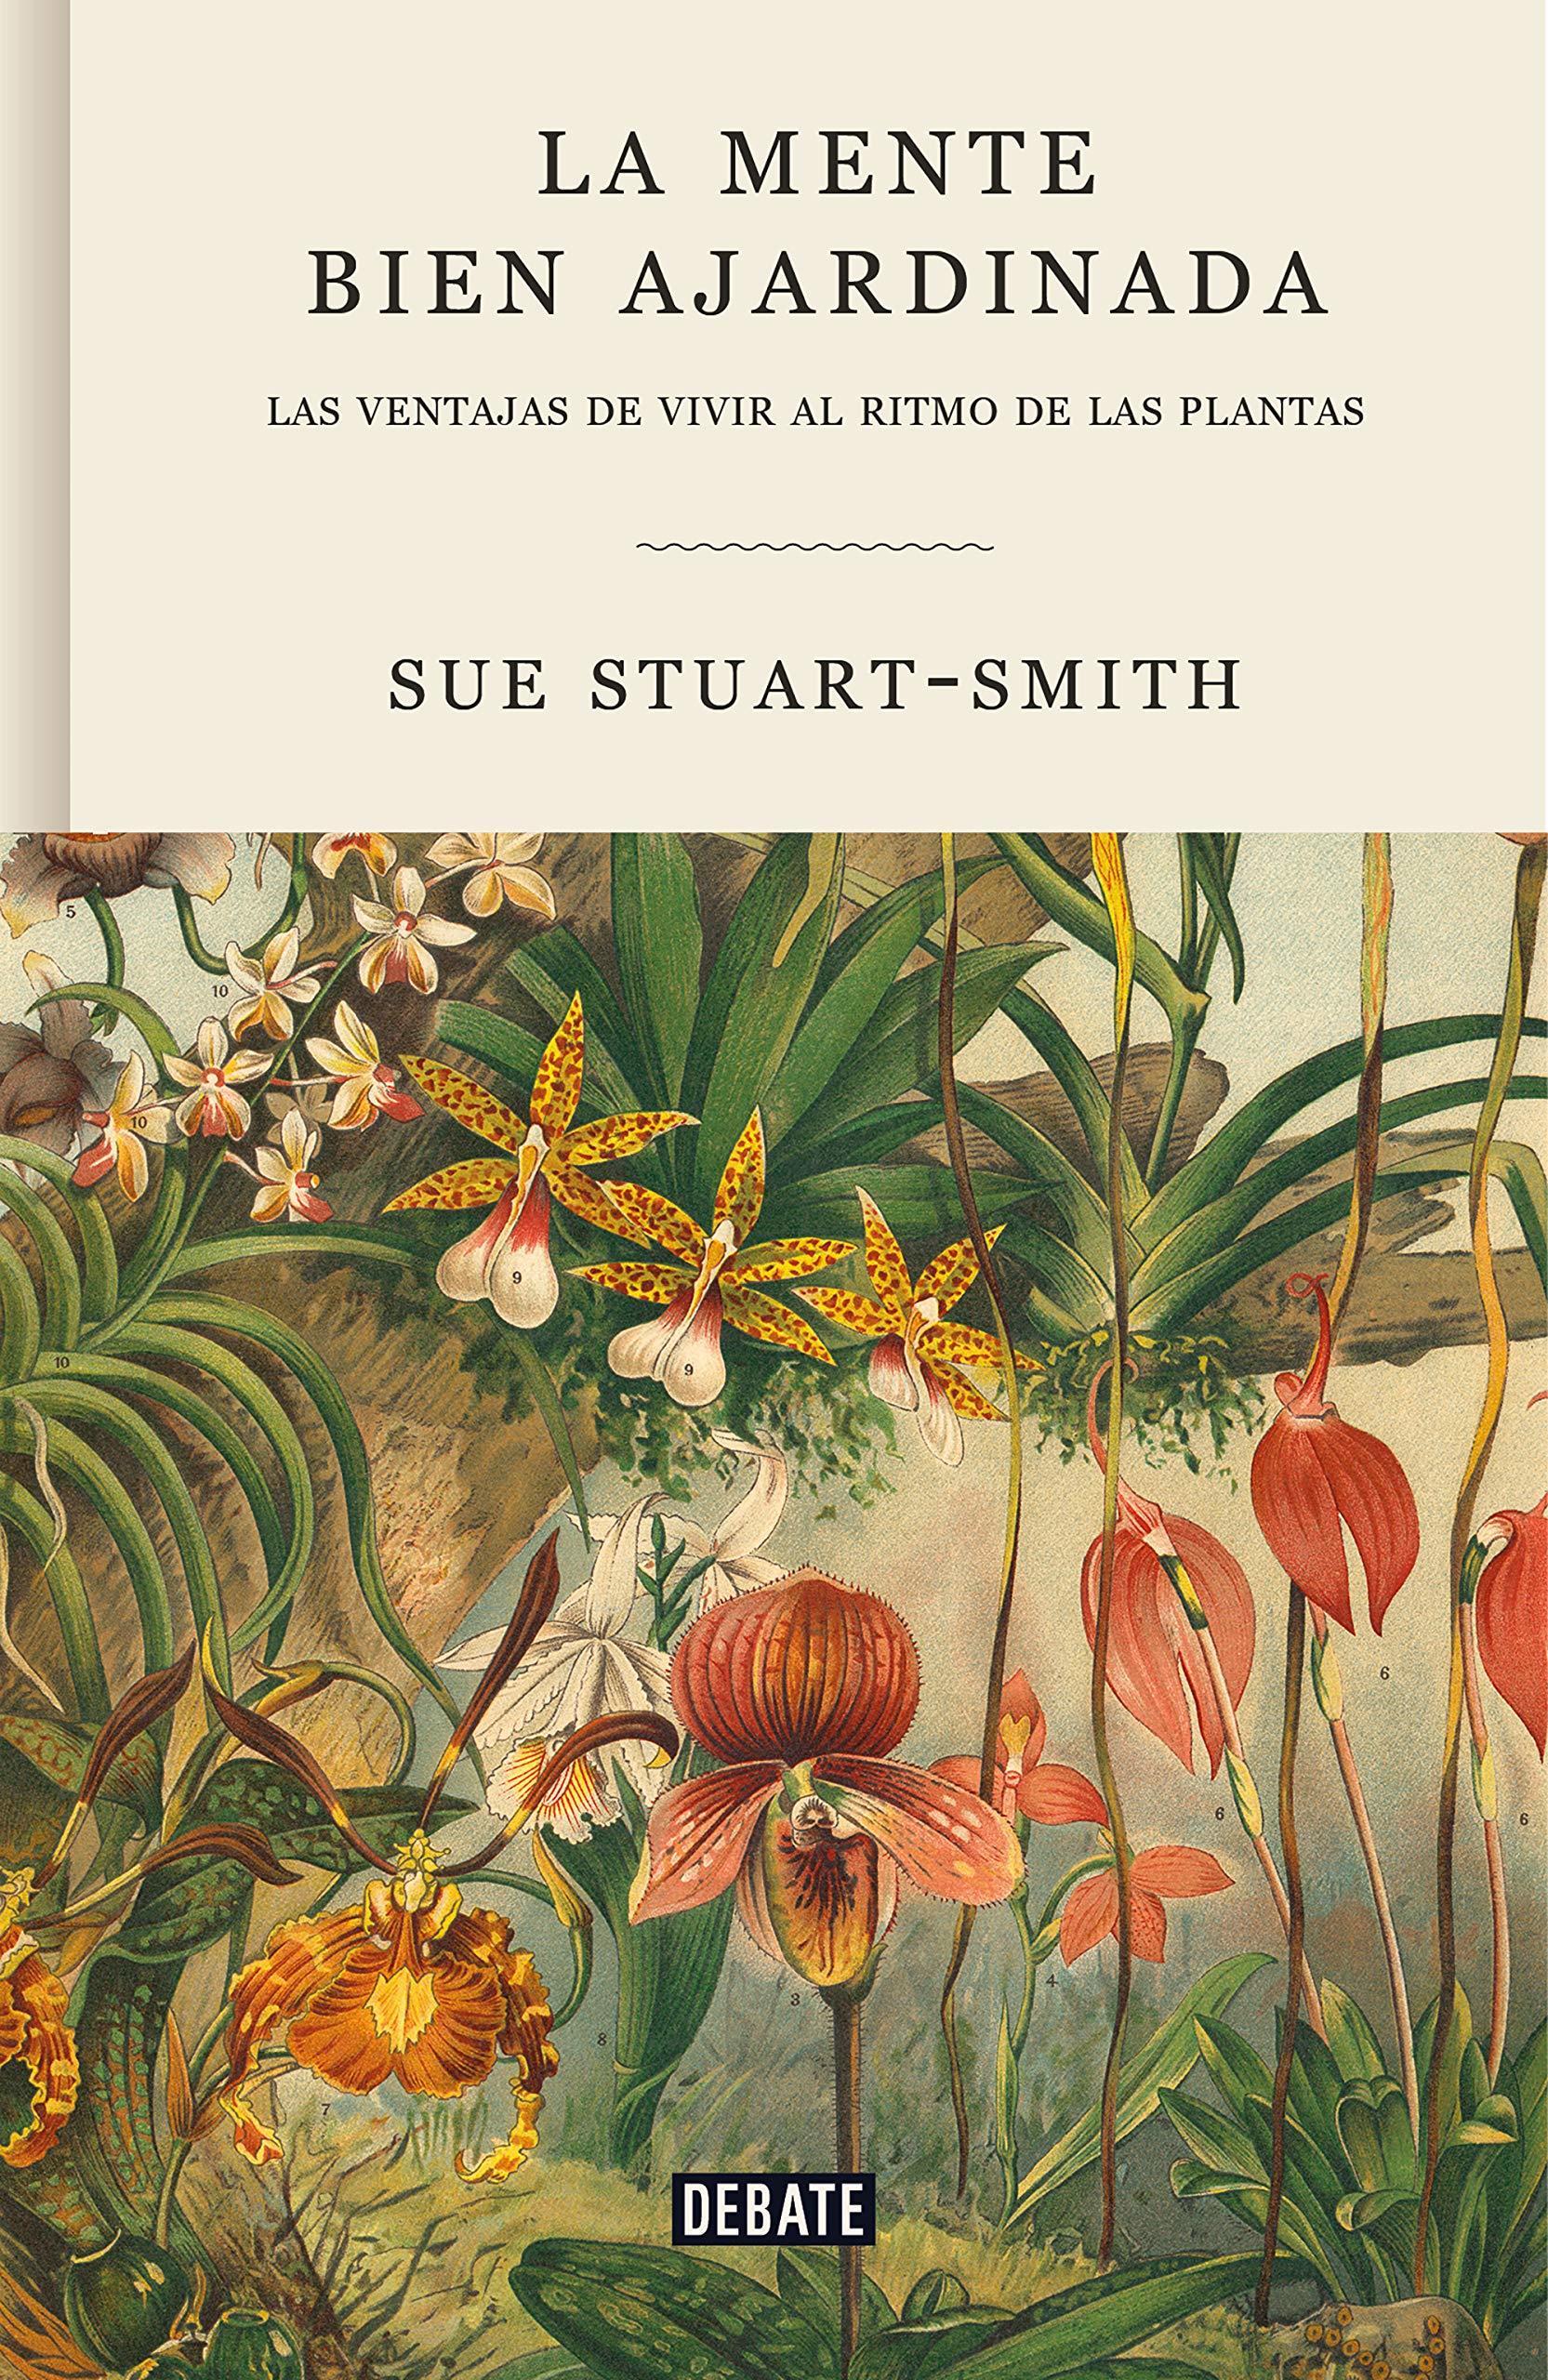 La mente bien ajardinada: Las ventajas de vivir al ritmo de las plantas de Sue Stuart-Smith. Editorial Debate.